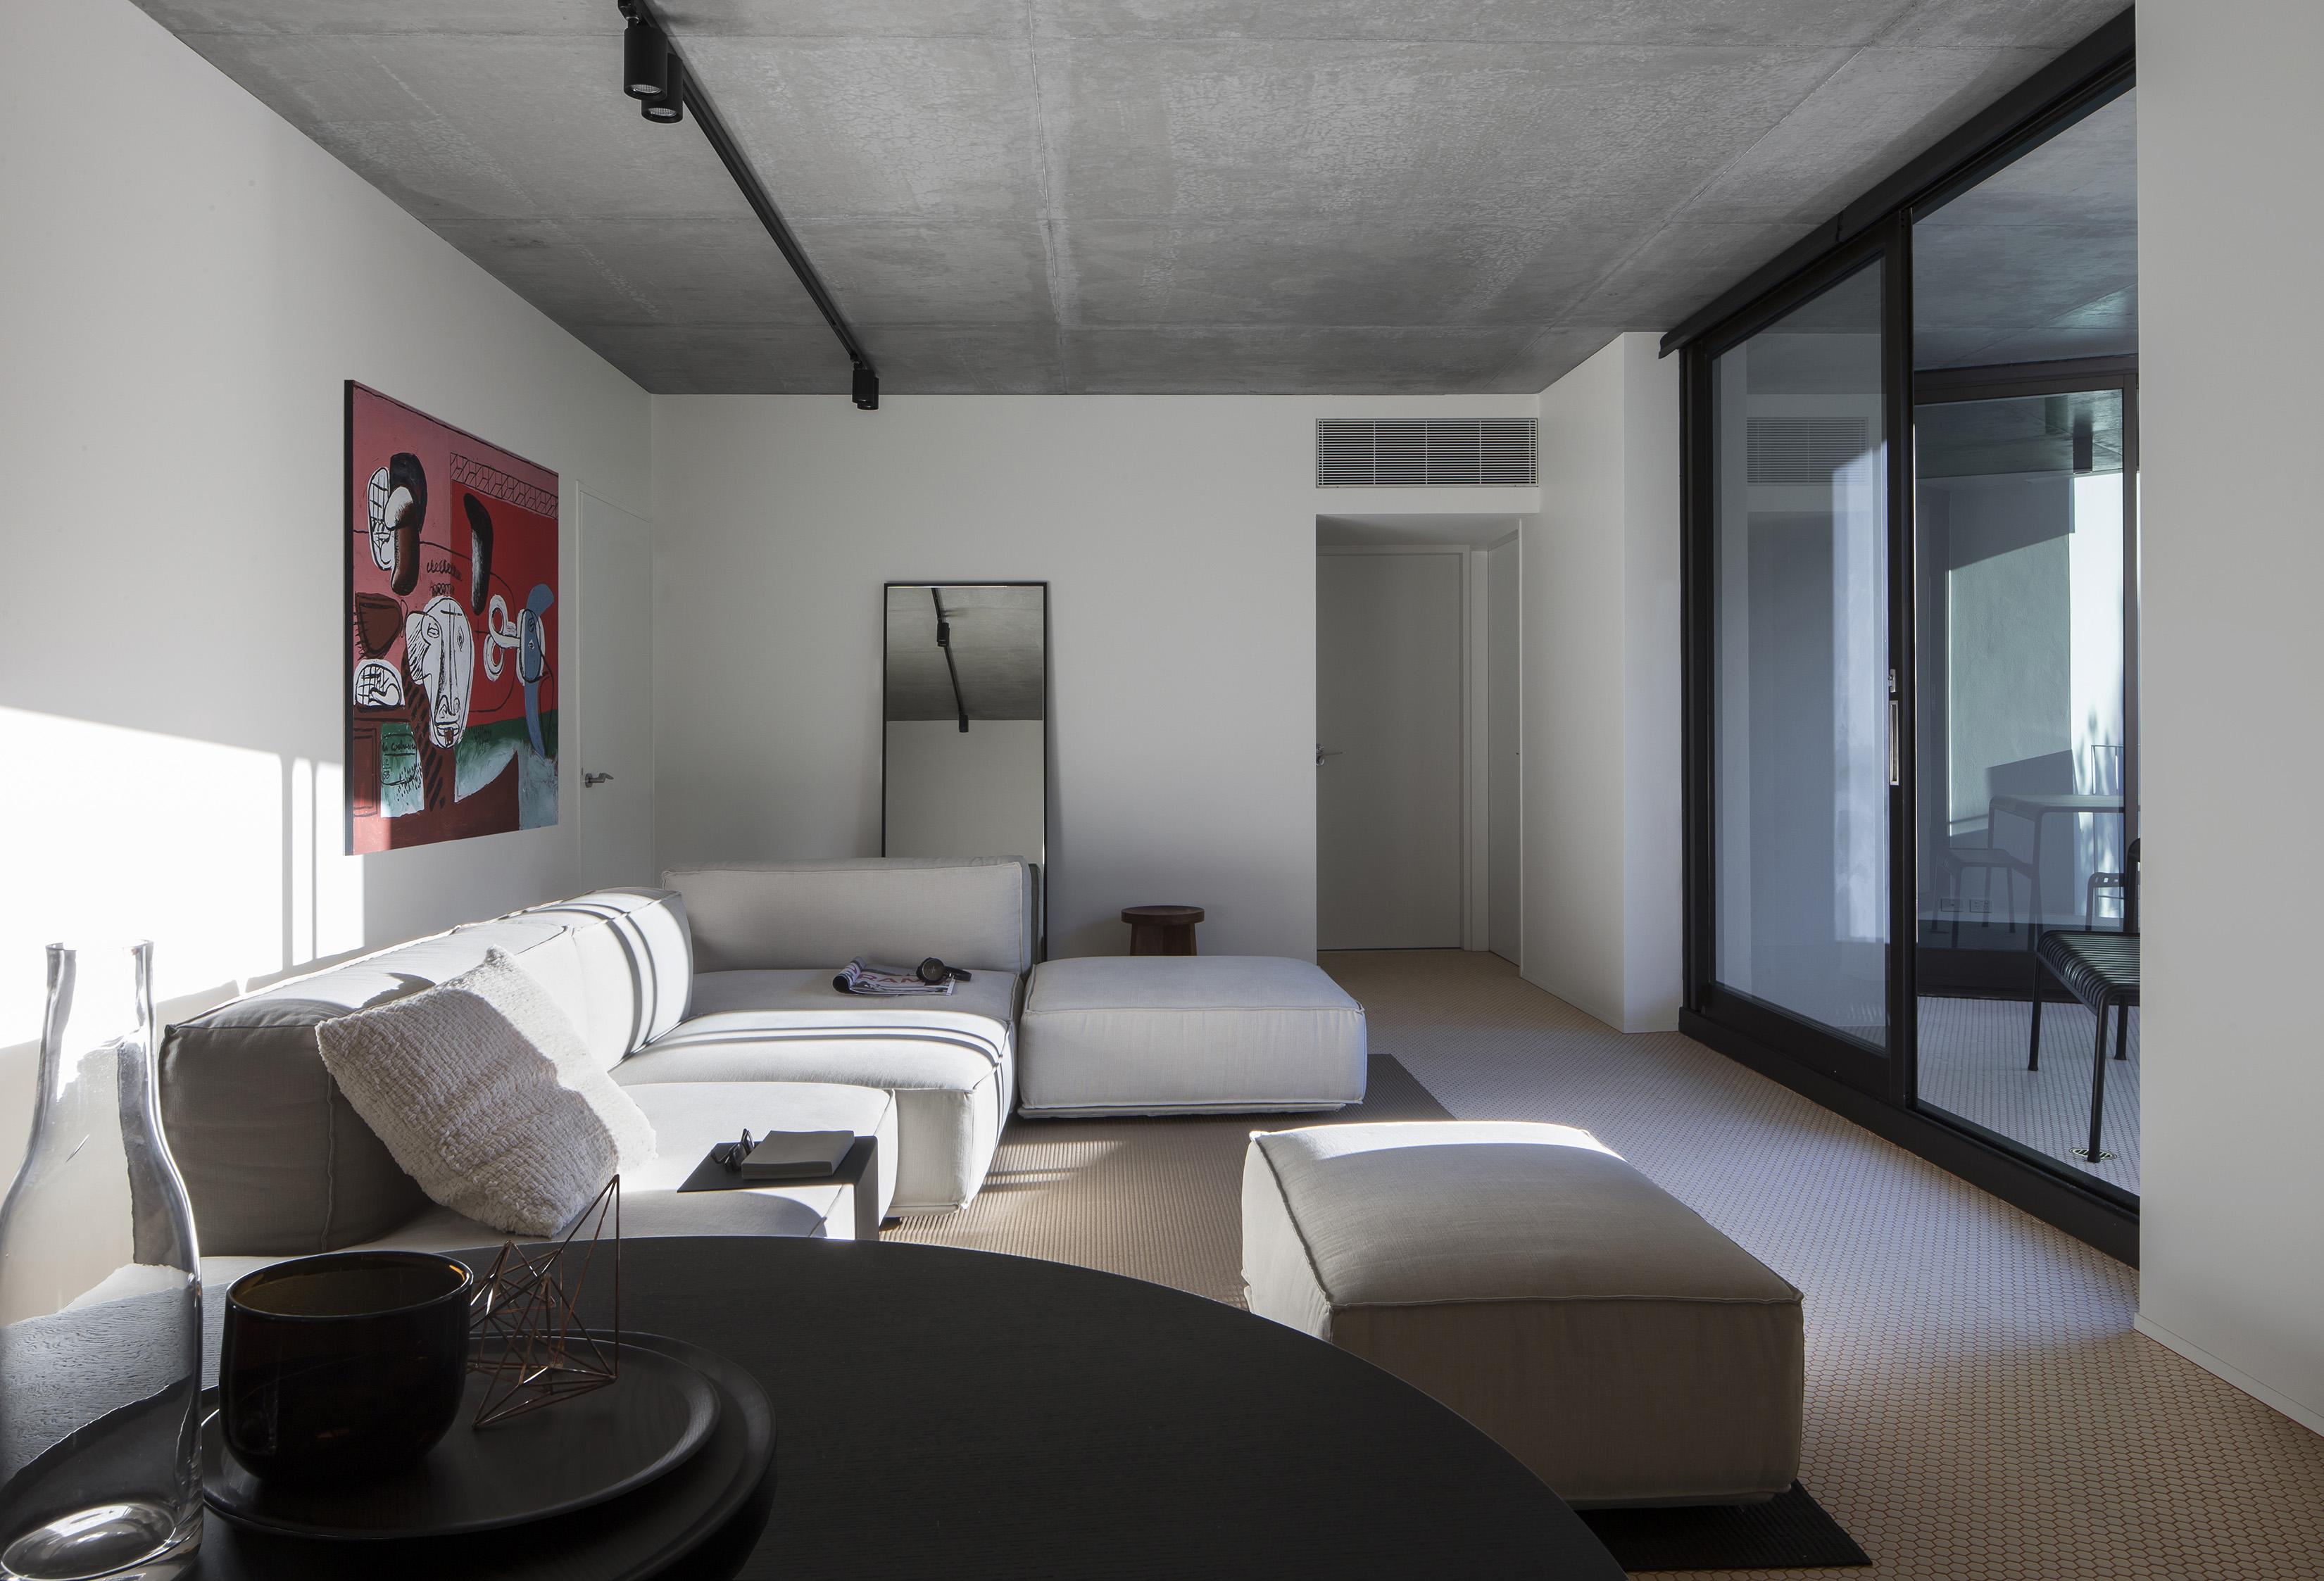 Crown 515-Smart Design Studio-The Local Project-Australian Architecture & Design-Image 13